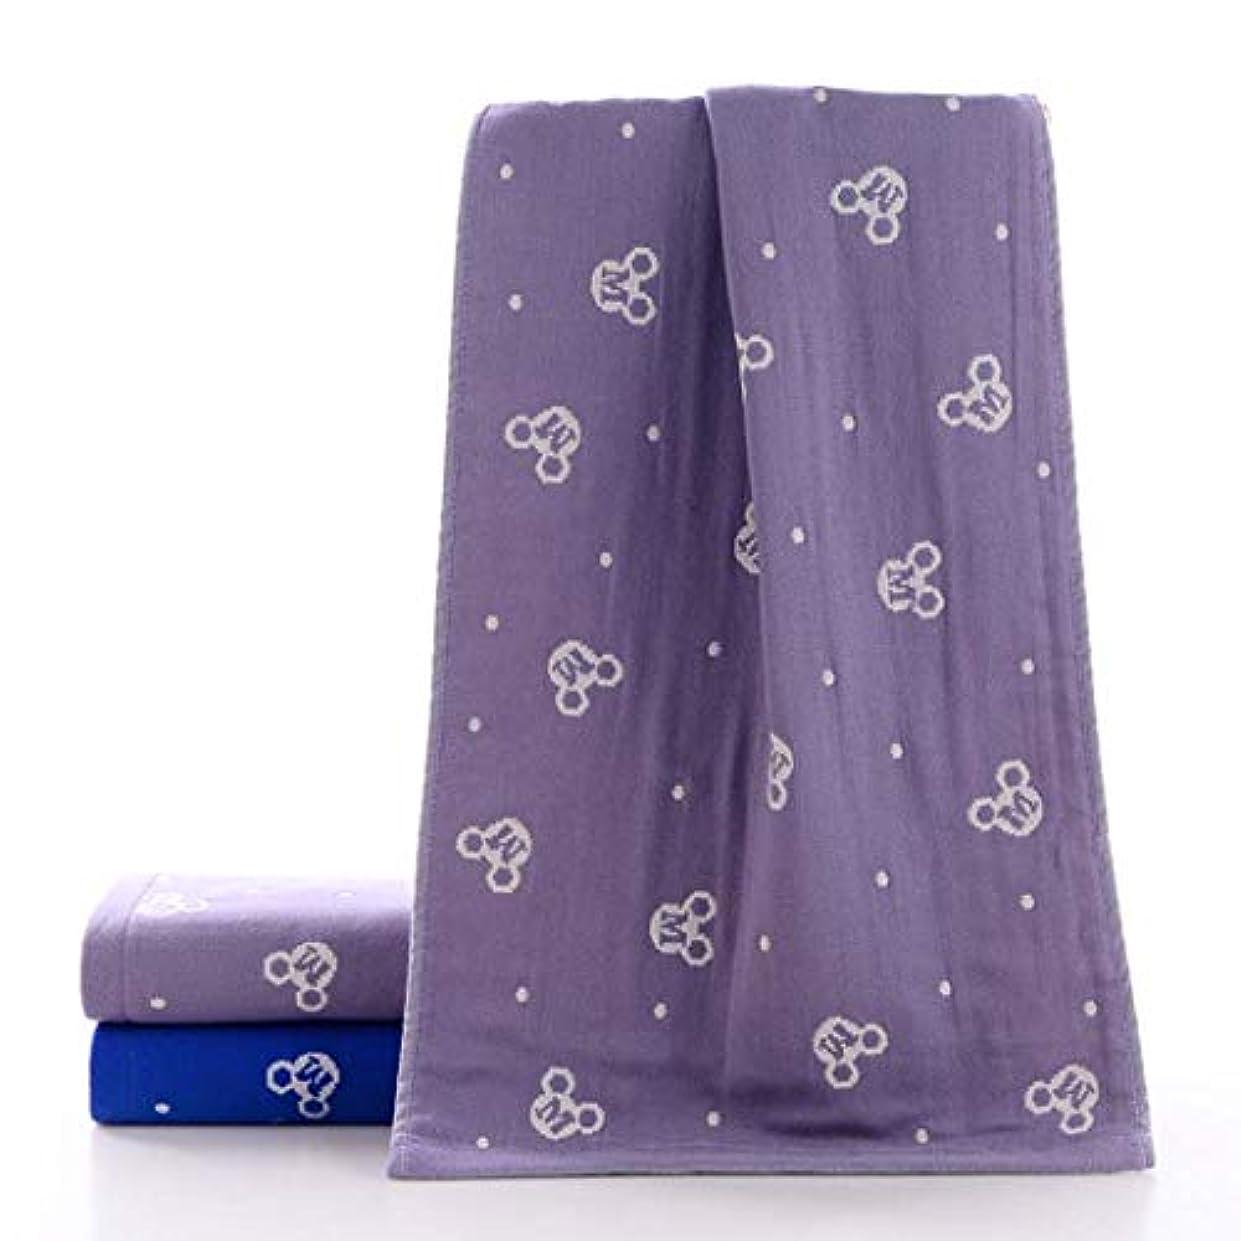 消去宿泊泣き叫ぶ高級コットンバスタオルタオルドライタオルソフト快適,Purple,34*75cm